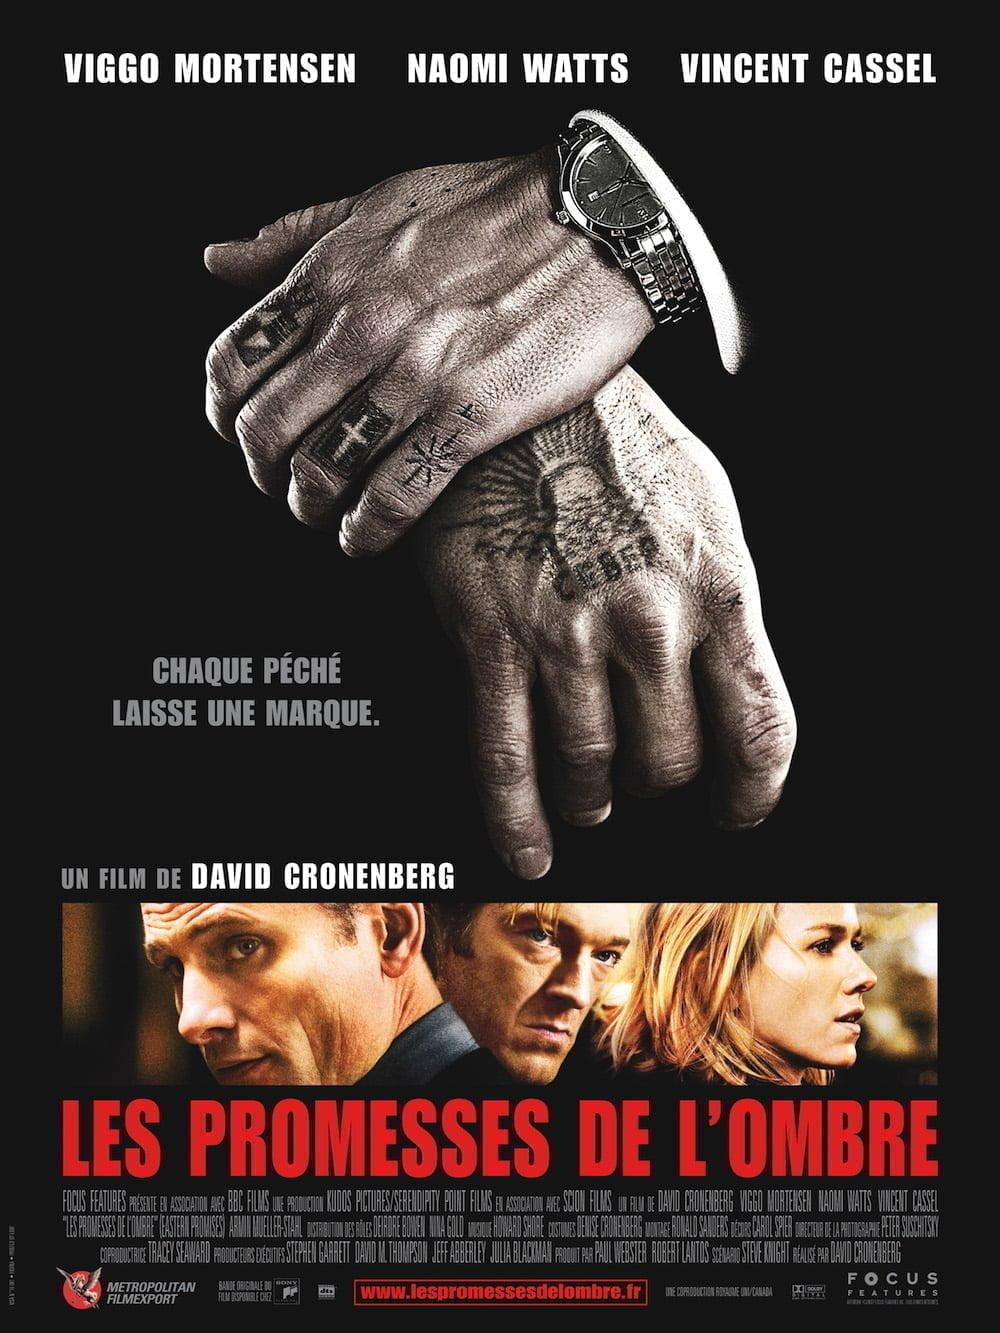 Les Promesses de l'ombre affiche